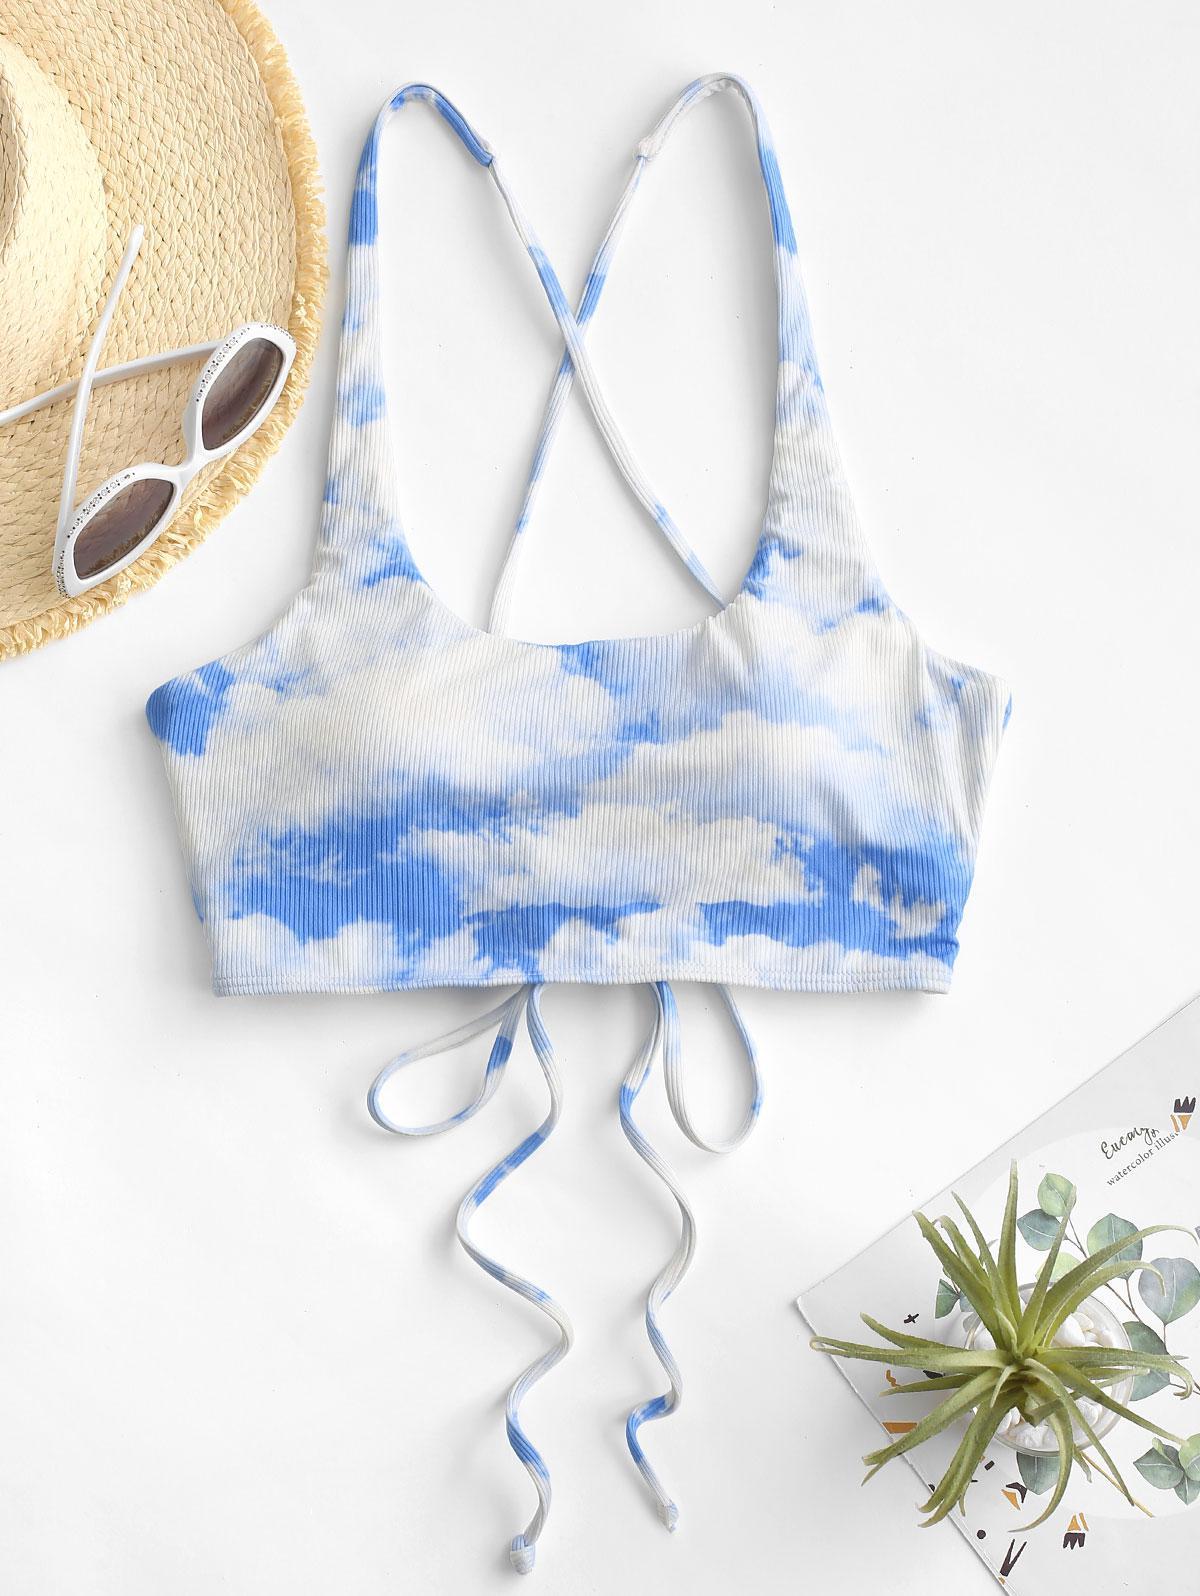 ZAFUL Haut de Bikini Côtelé Nuage Imprimé à Lacets M Bleu clair